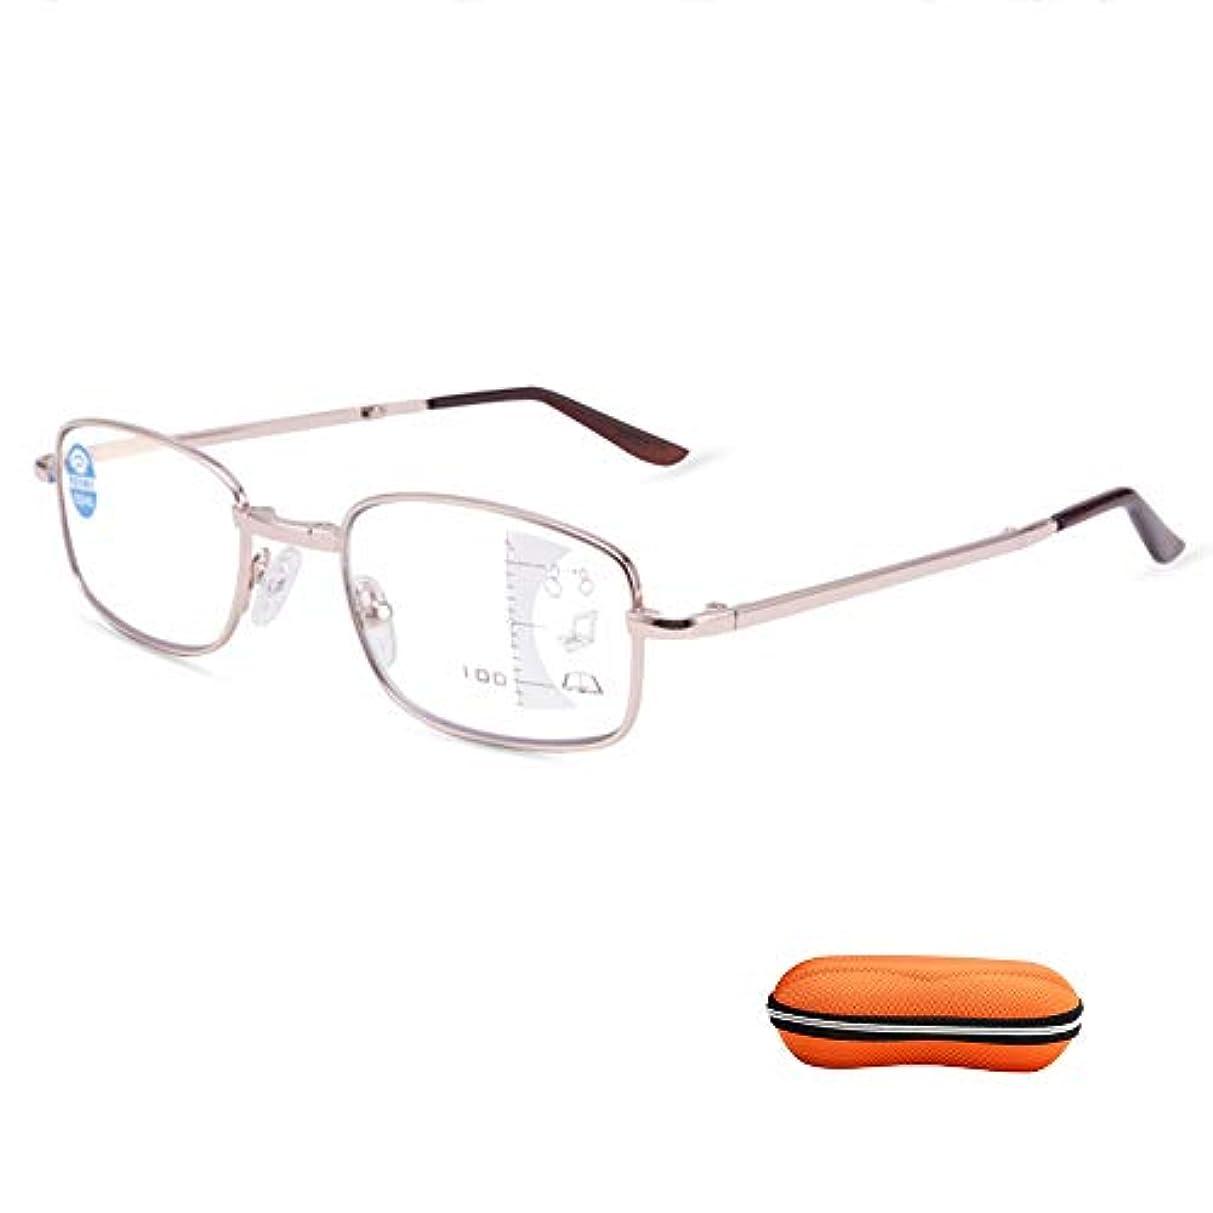 超薄型ミニポータブル折りたたみ老眼鏡、プログレッシブマルチフォーカスインテリジェント老眼鏡、アンチブルー抗疲労老眼鏡、レトロメタルハーフフレーム長方形老眼鏡